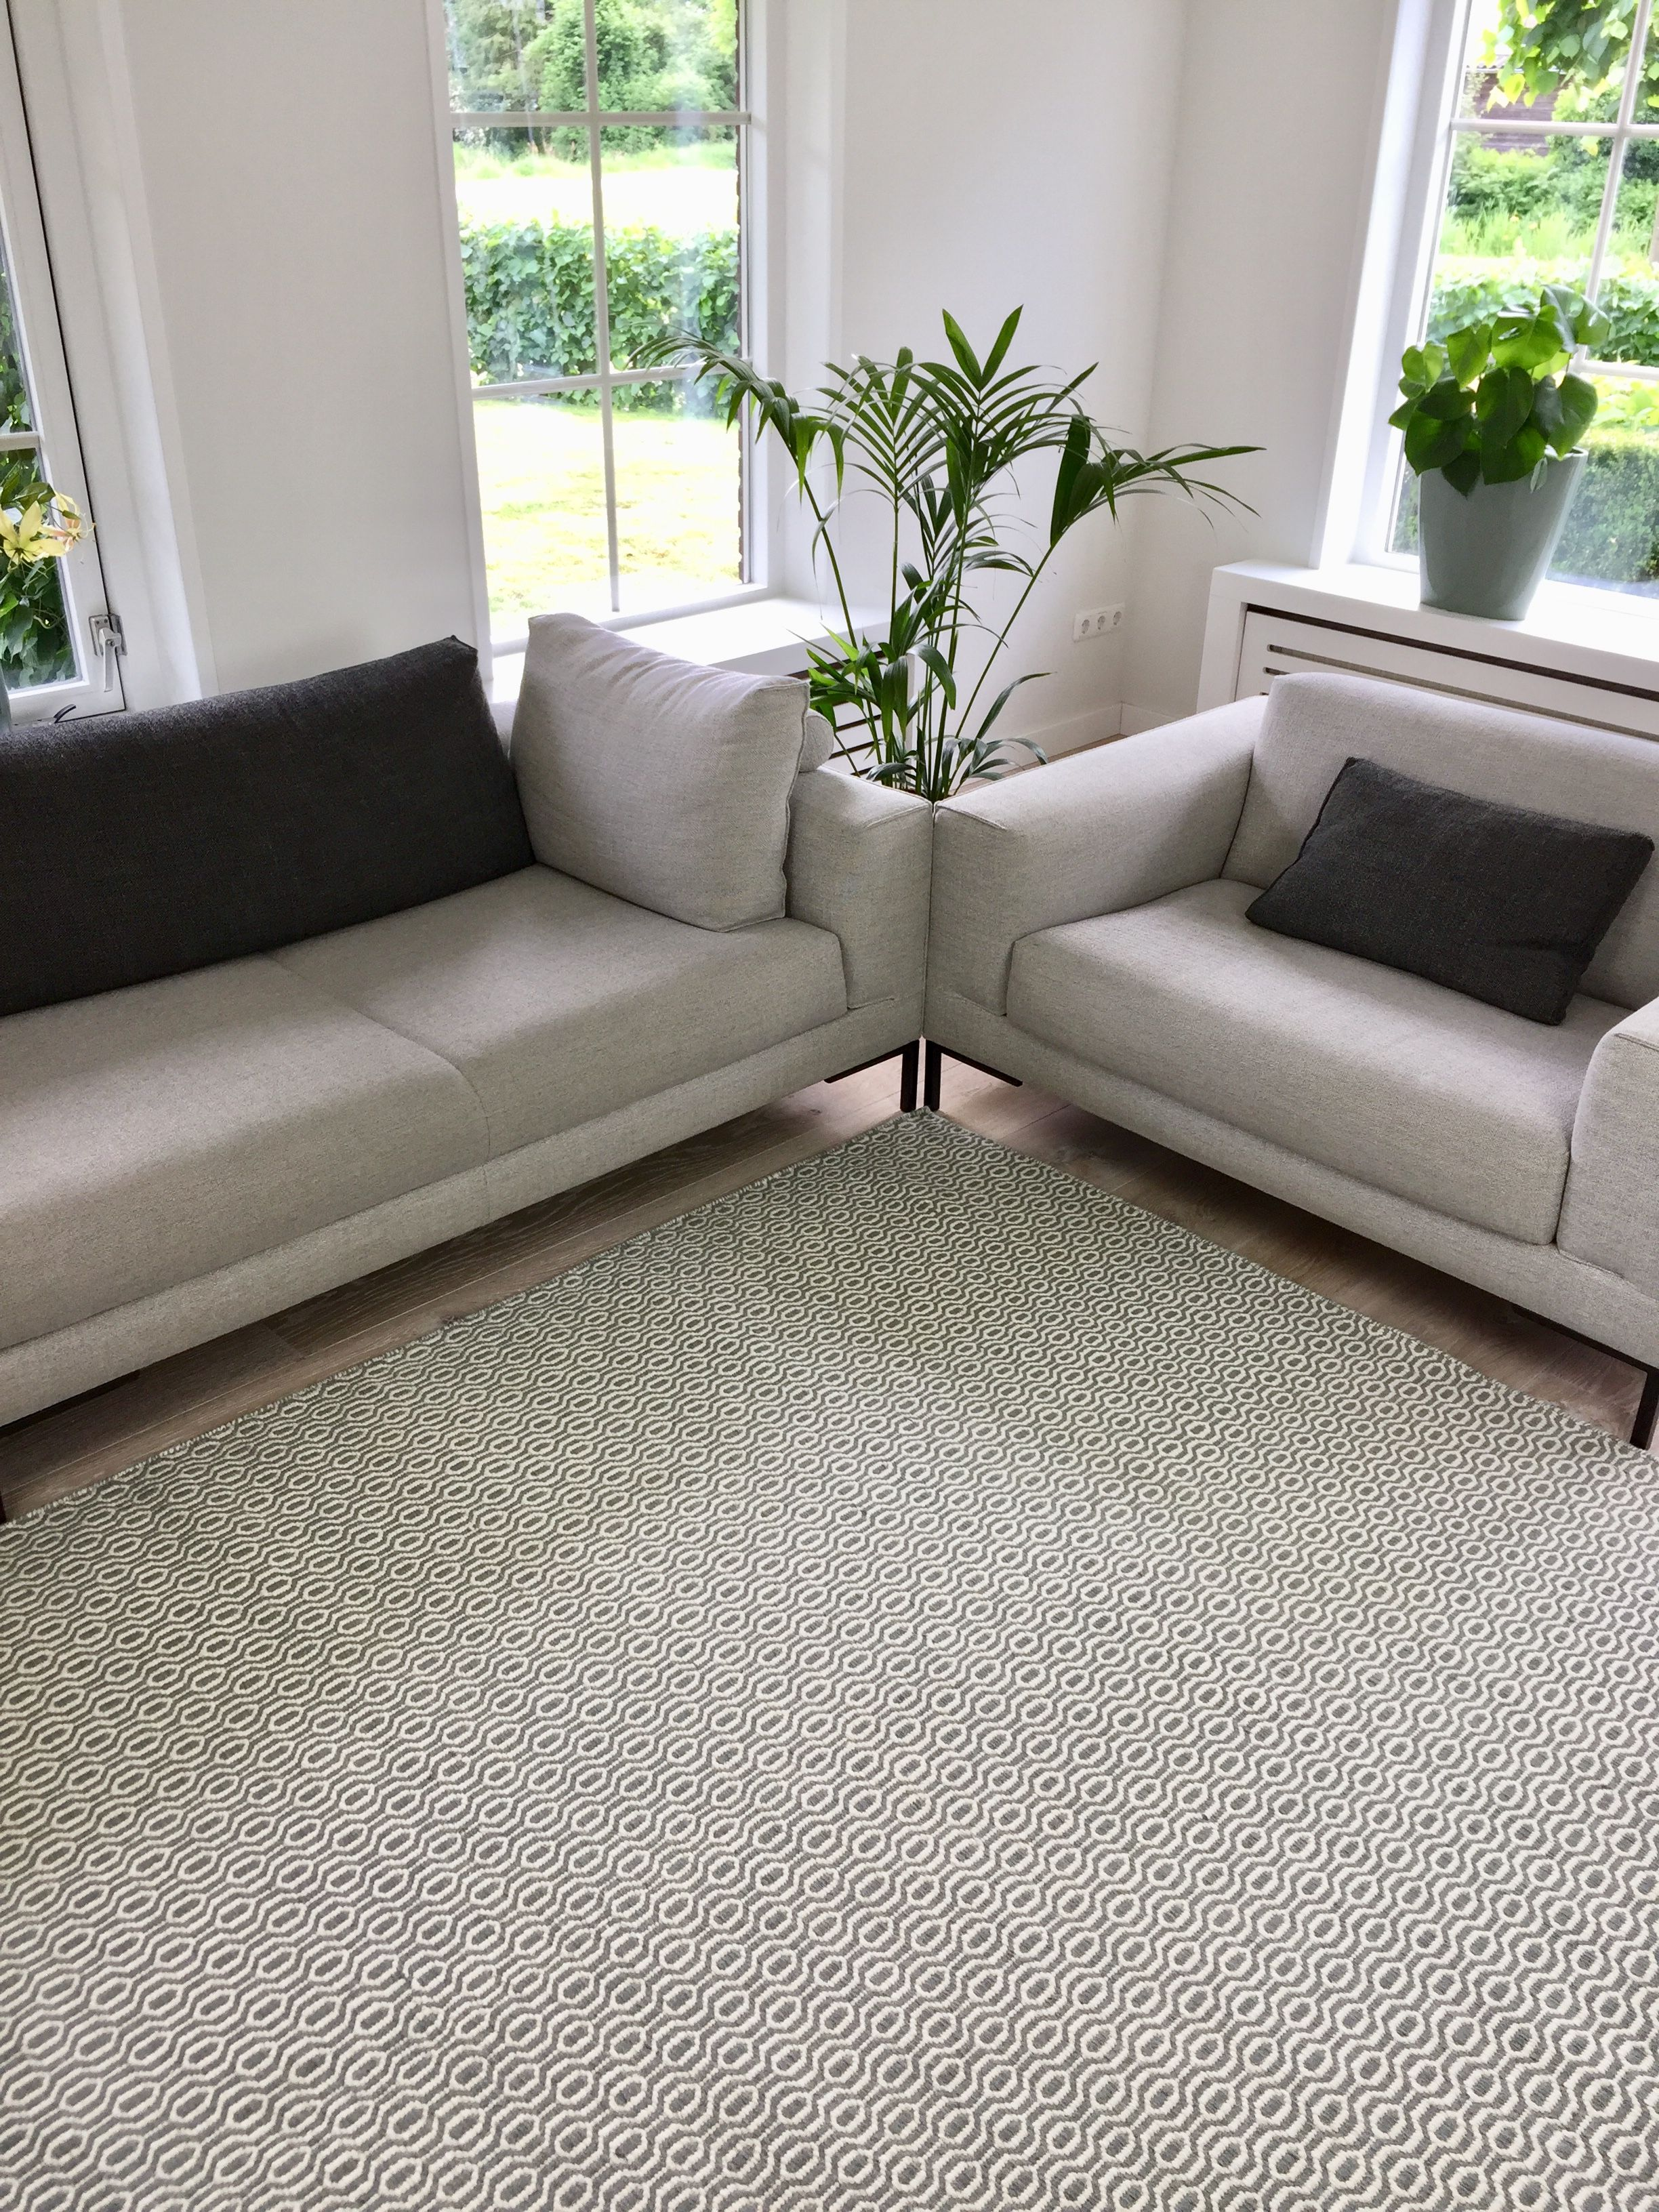 Grijs wit vloerkleed gemaakt van wol heerlijk zacht dus ideaal voor in de woonkamer